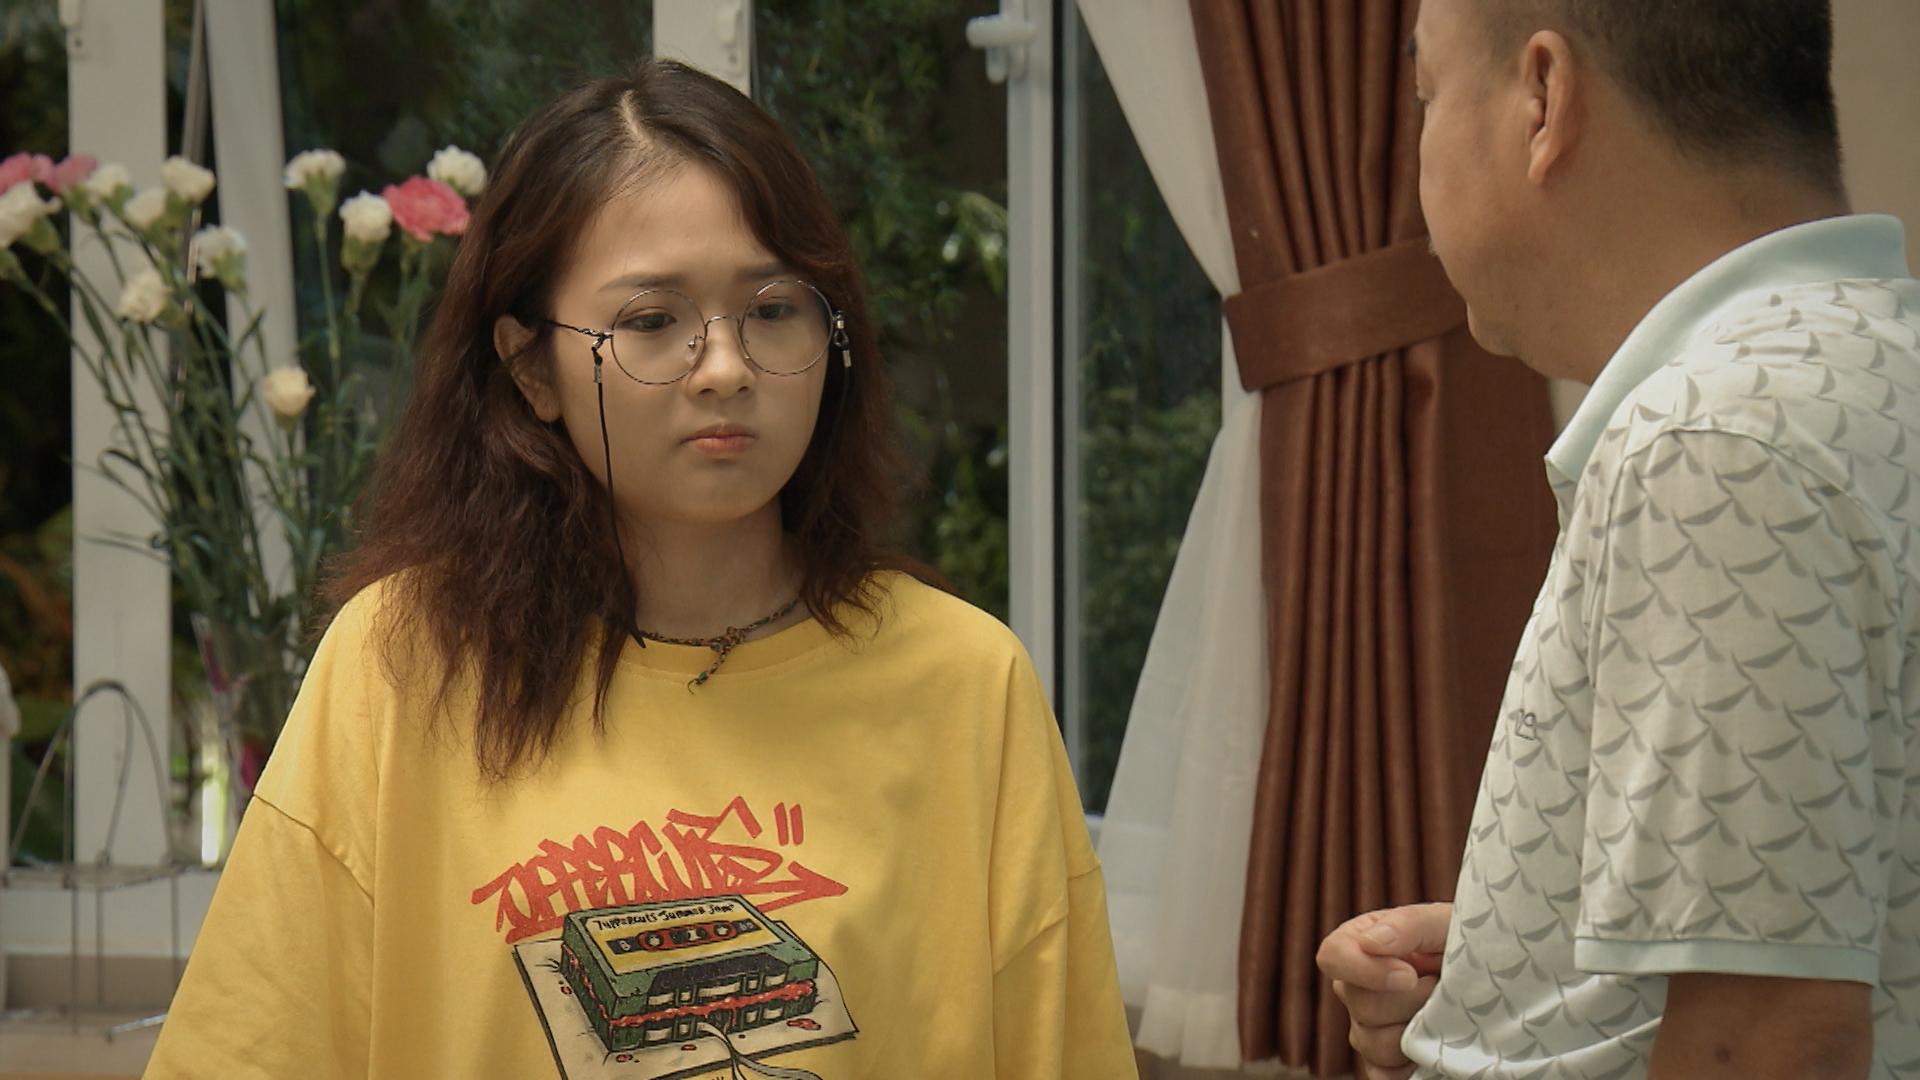 'Mẹ ơi, bố đâu rồi?' tập 5: Bố mẹ 'ngã ngửa' khi con gái coi 'hình tượng nhân vật nữ quyền trong xã hội' là Tóc Tiên, Minh Hằng 0